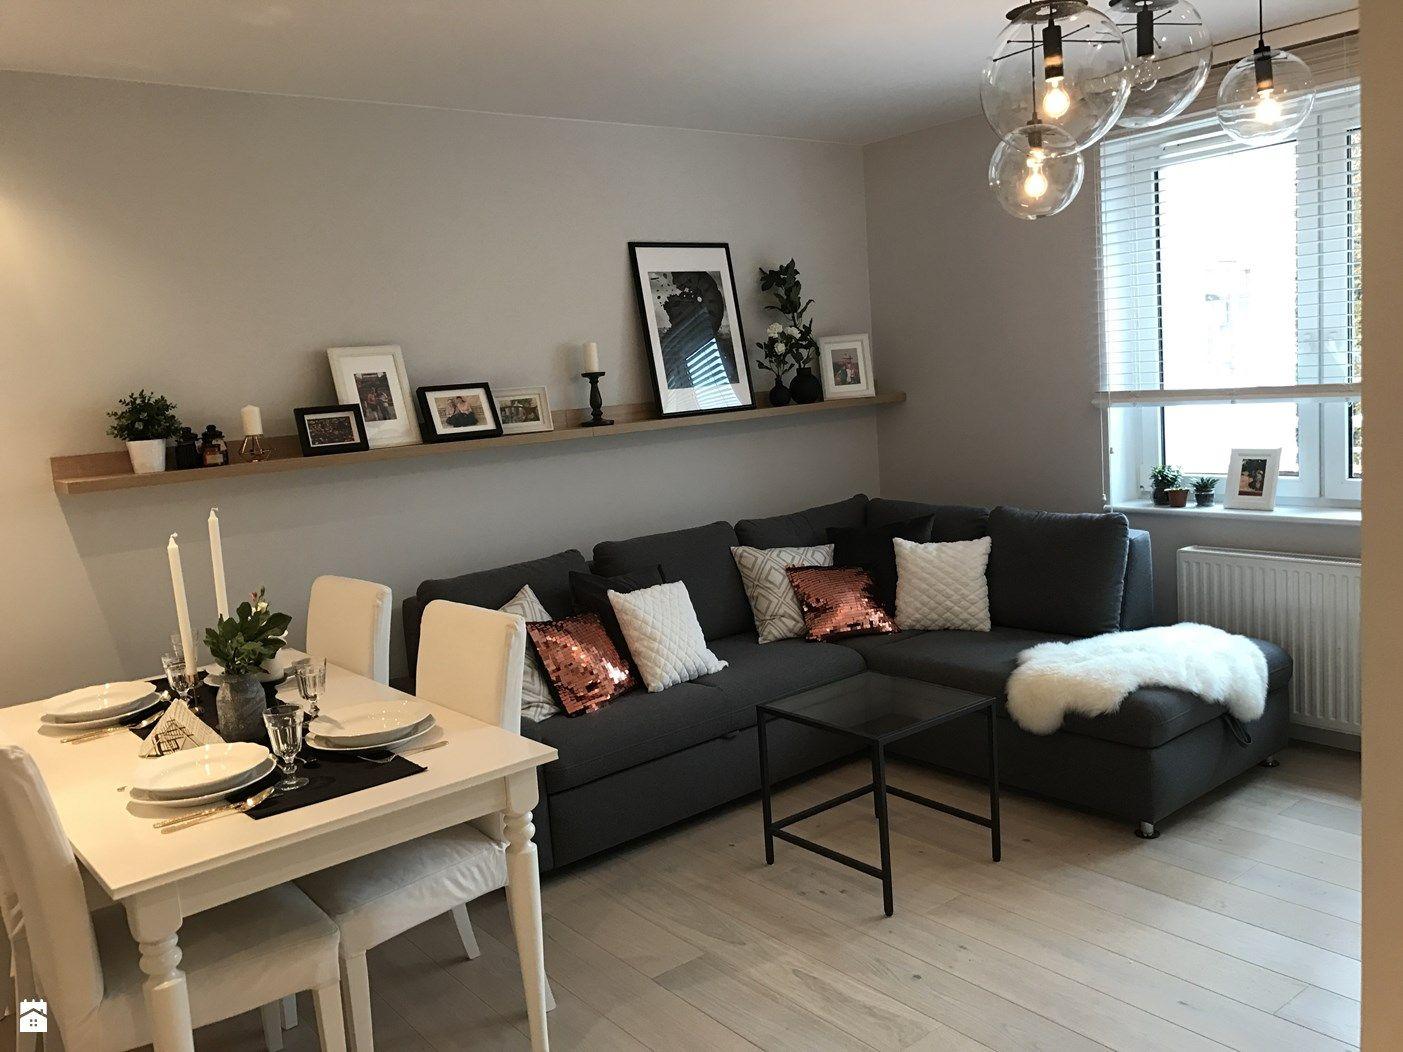 Metamorfoza mieszkania 47 m2 - Bamberski Dwór - Średni szary salon z jadalnią, styl nowoczesny - zdjęcie od Architektownia